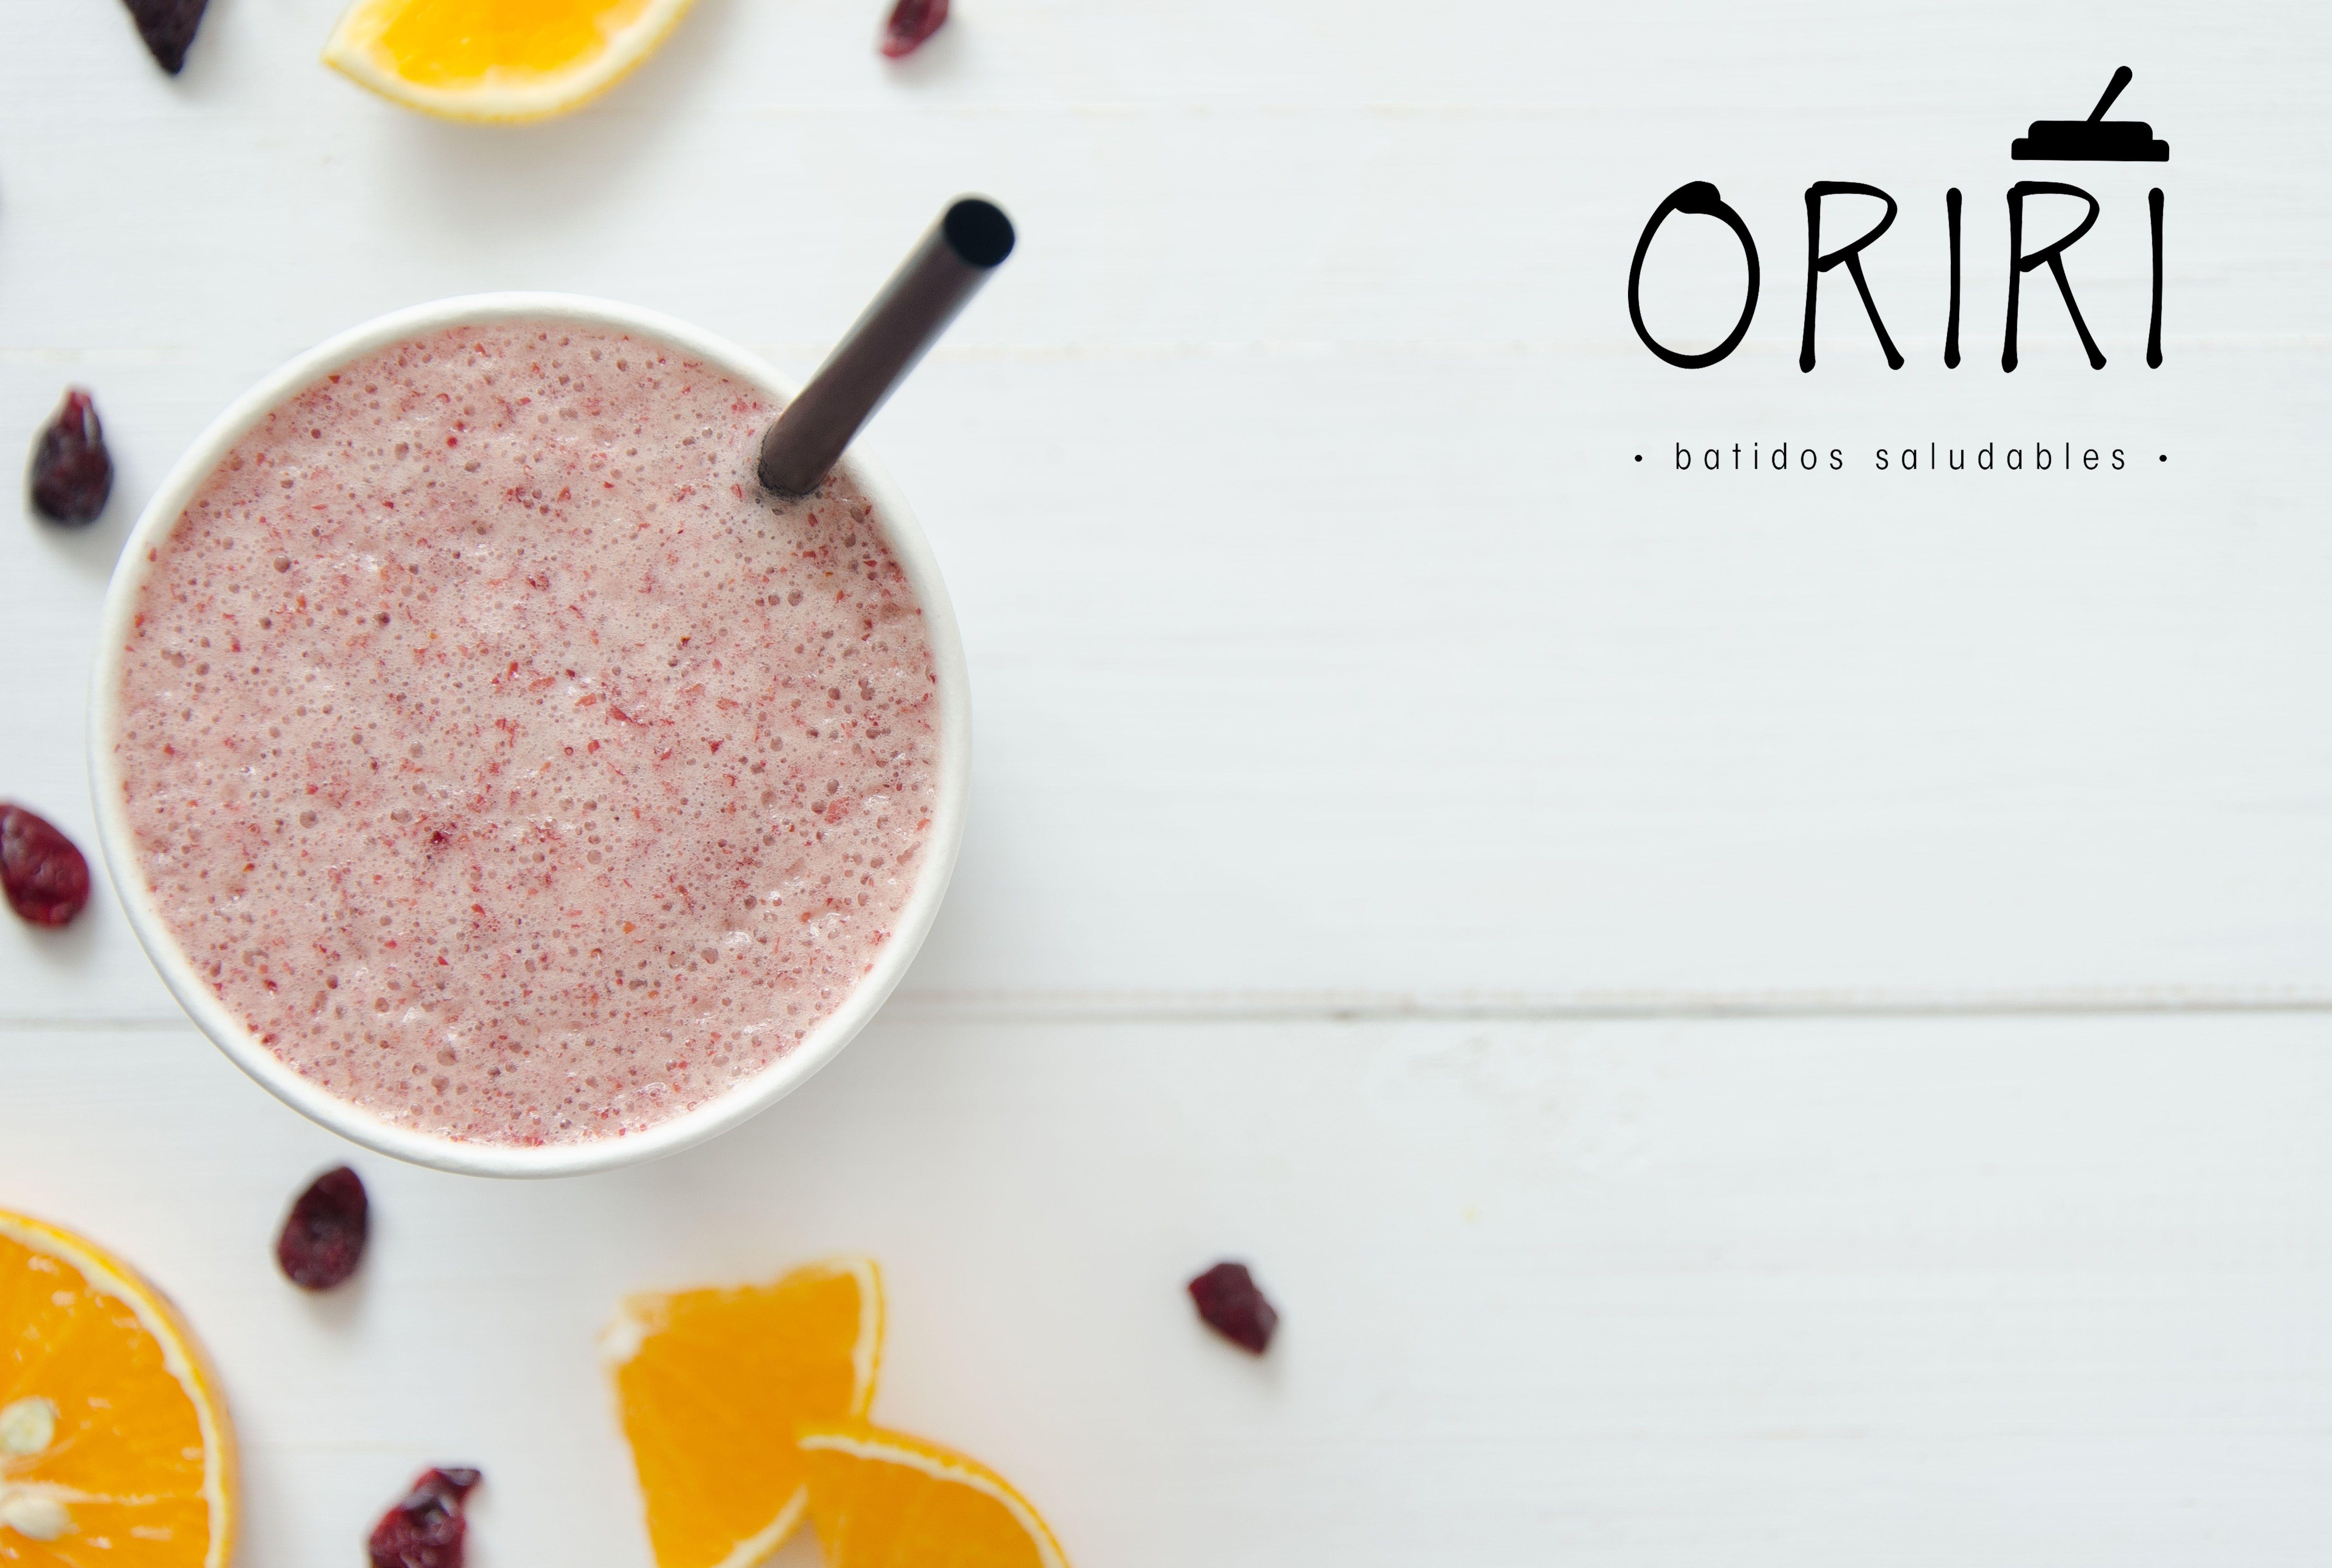 """Nuestro blend """"Vibra"""" es una deliciosa combinación de naranja, piña y arándanos. ¿Quieres conocer más sobre batidos saludables? Conoce nuestras mezclas en www.oriri.co Llámanos 📲 317 7027247 en Bogotá."""